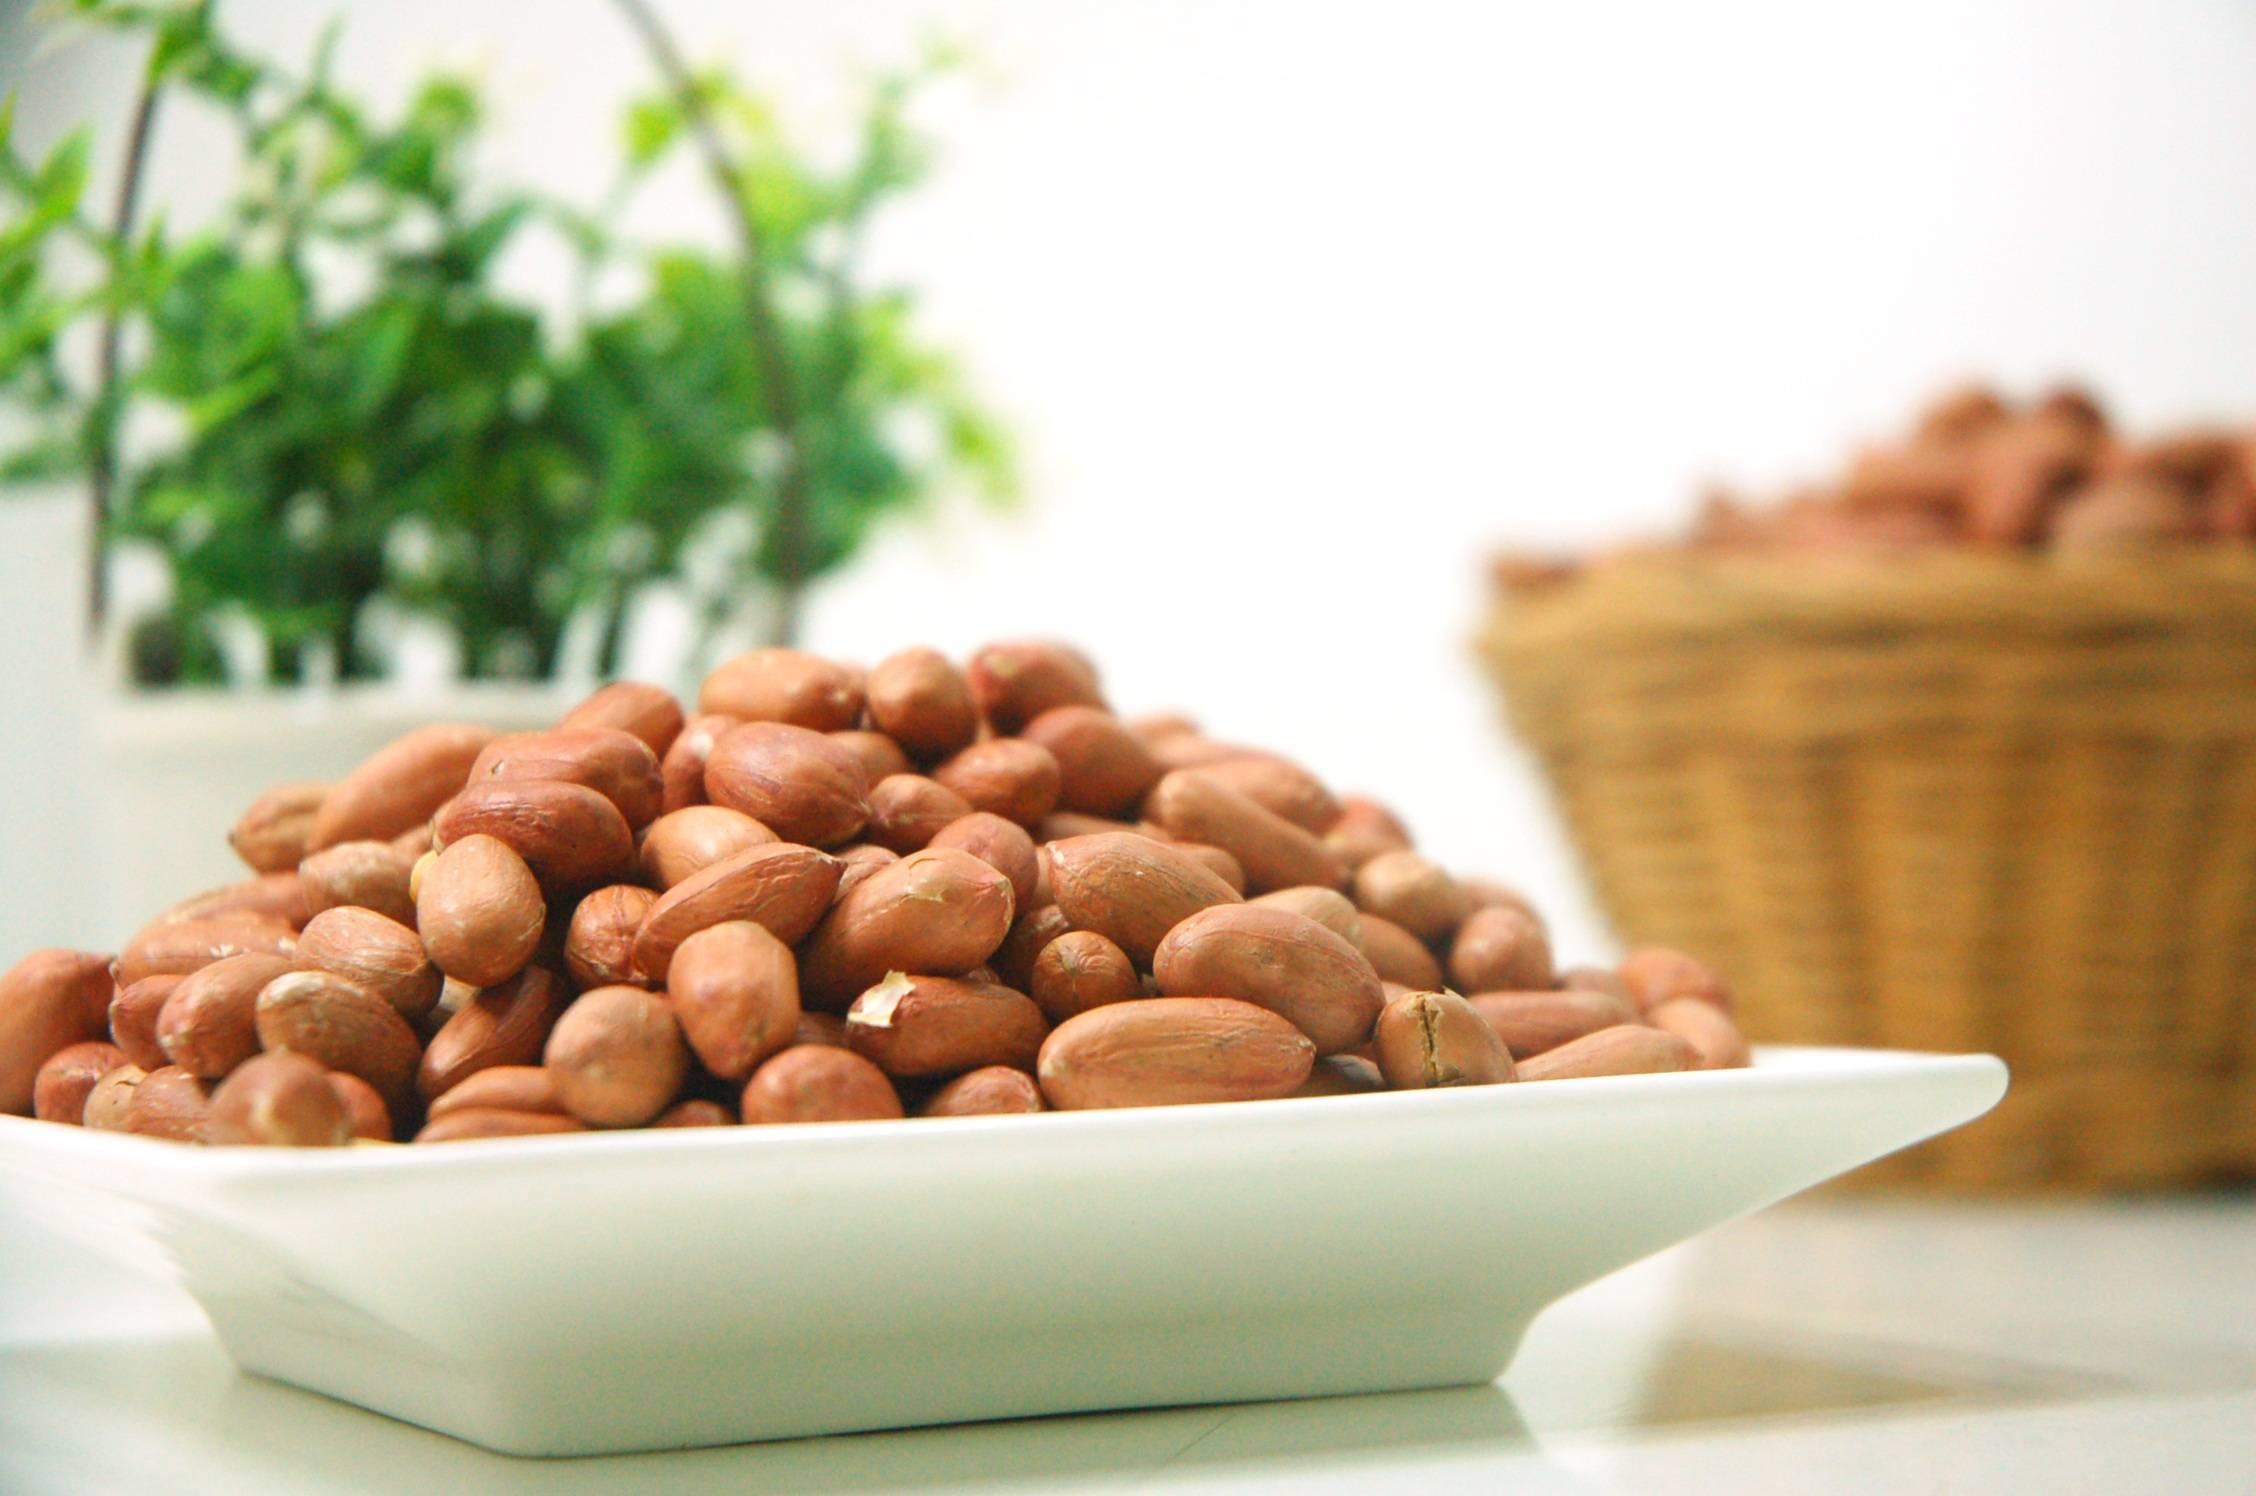 Допустимо ли есть орехи при похудении